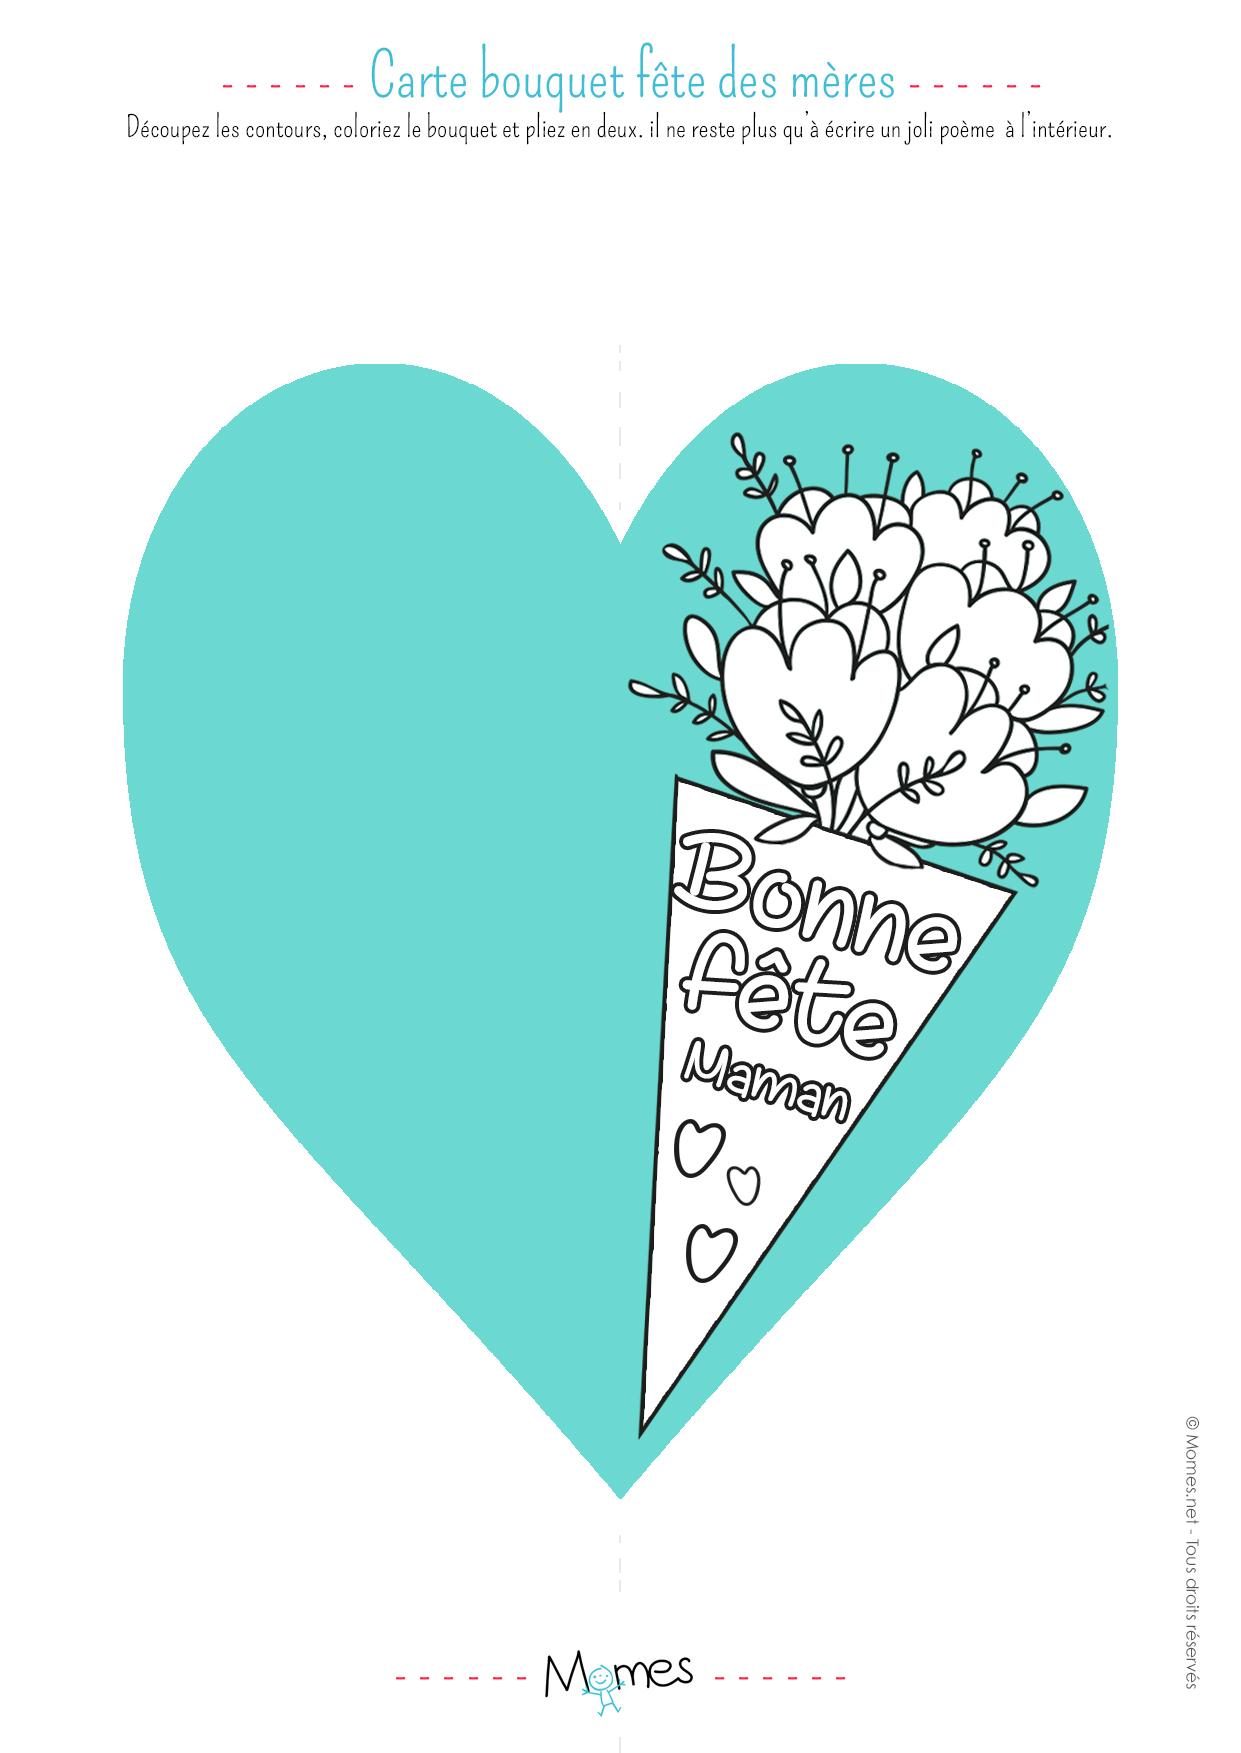 Carte Fête Des Mères À Imprimer - Momes intérieur Carte Fête Des Mères À Imprimer